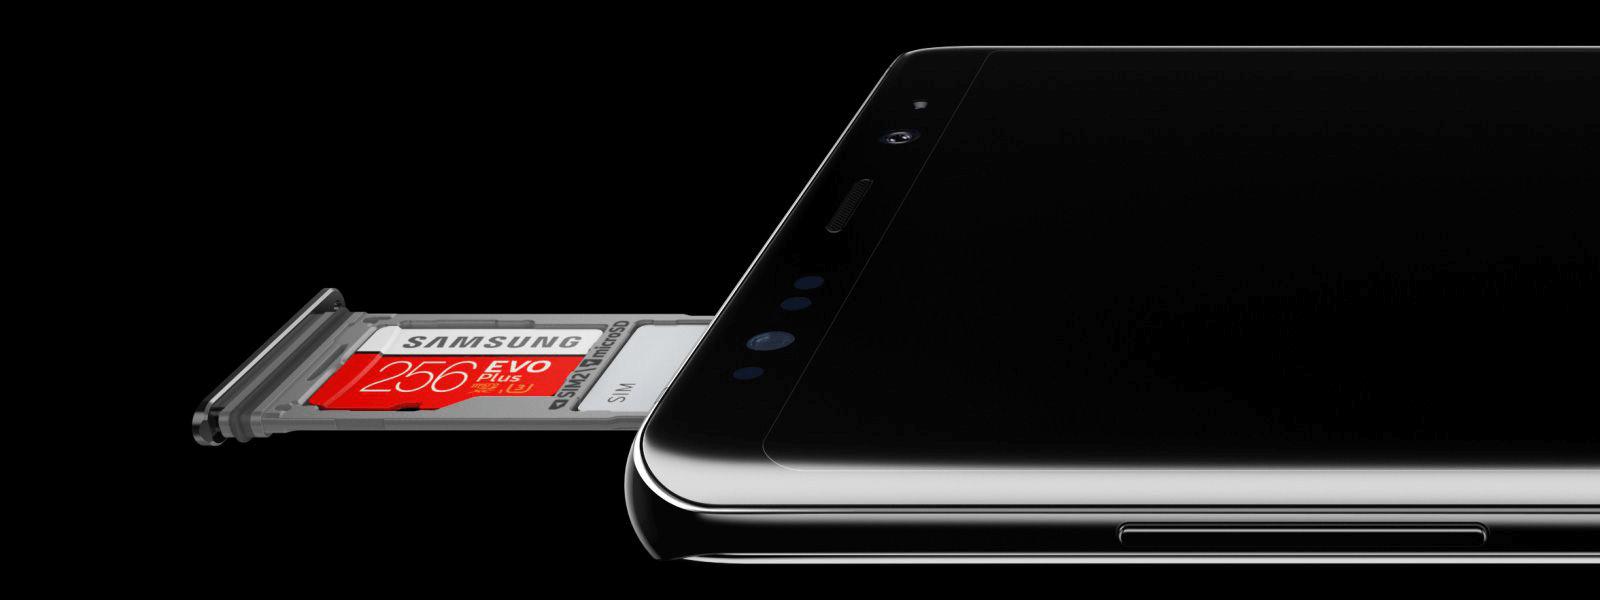 Emplacement de la carte mémoire du Samsung Galaxy S20